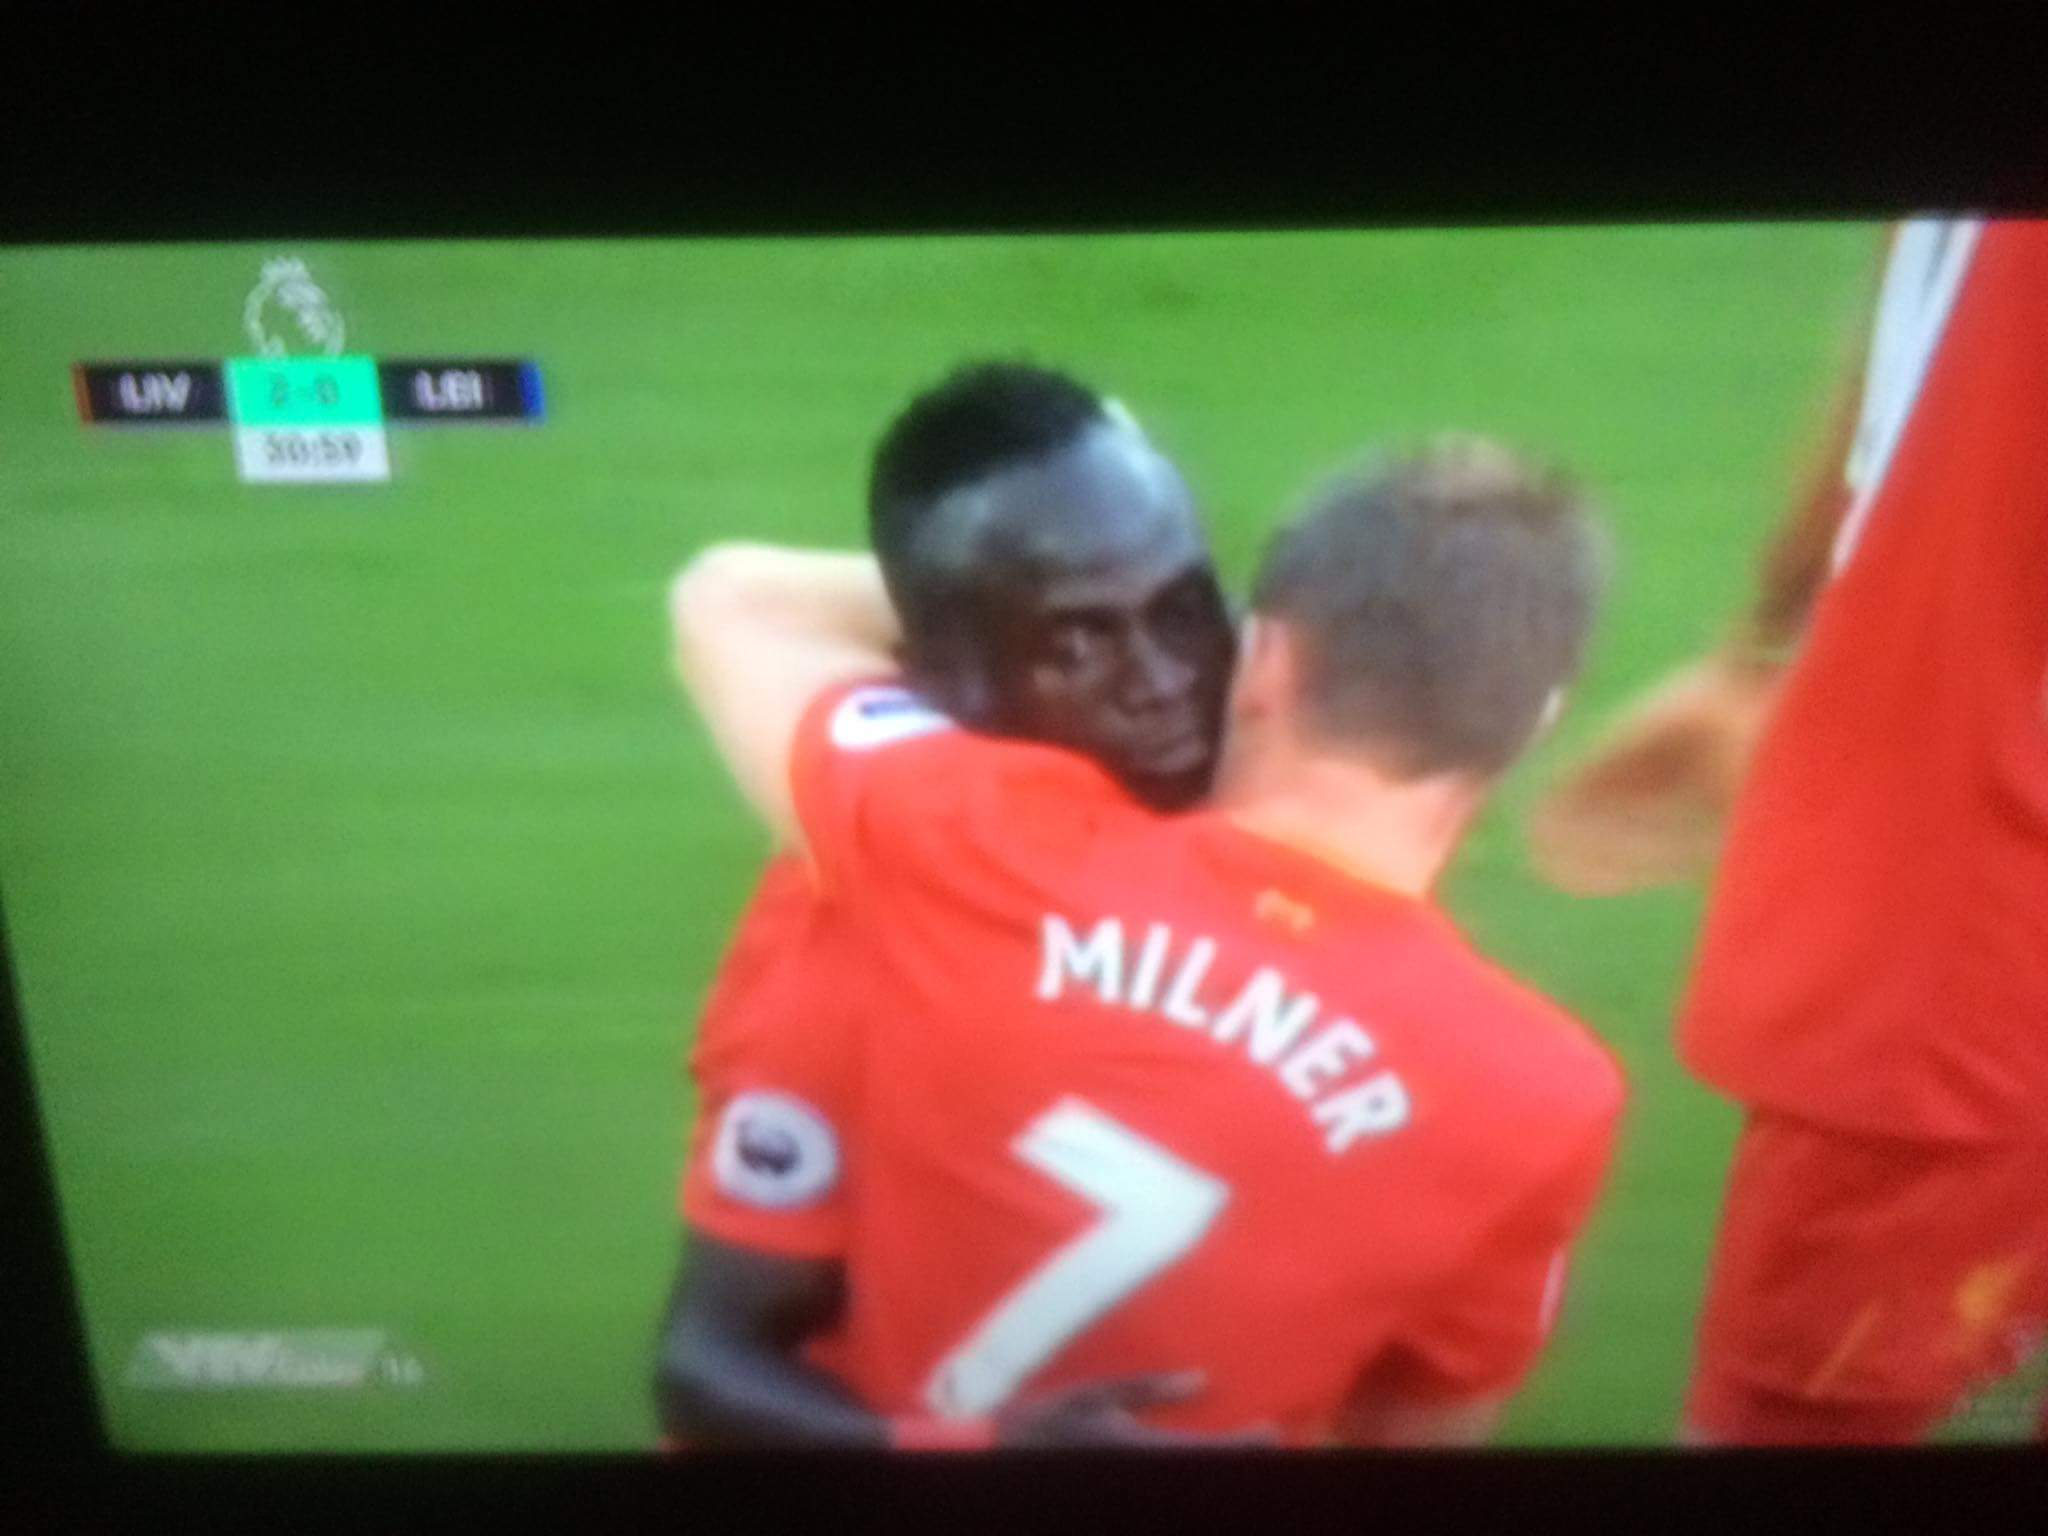 VÀOOOOOOO......zai đẹp Mane nâng tỉ số cho Liverpool :)))) ĐKVĐ nhọ